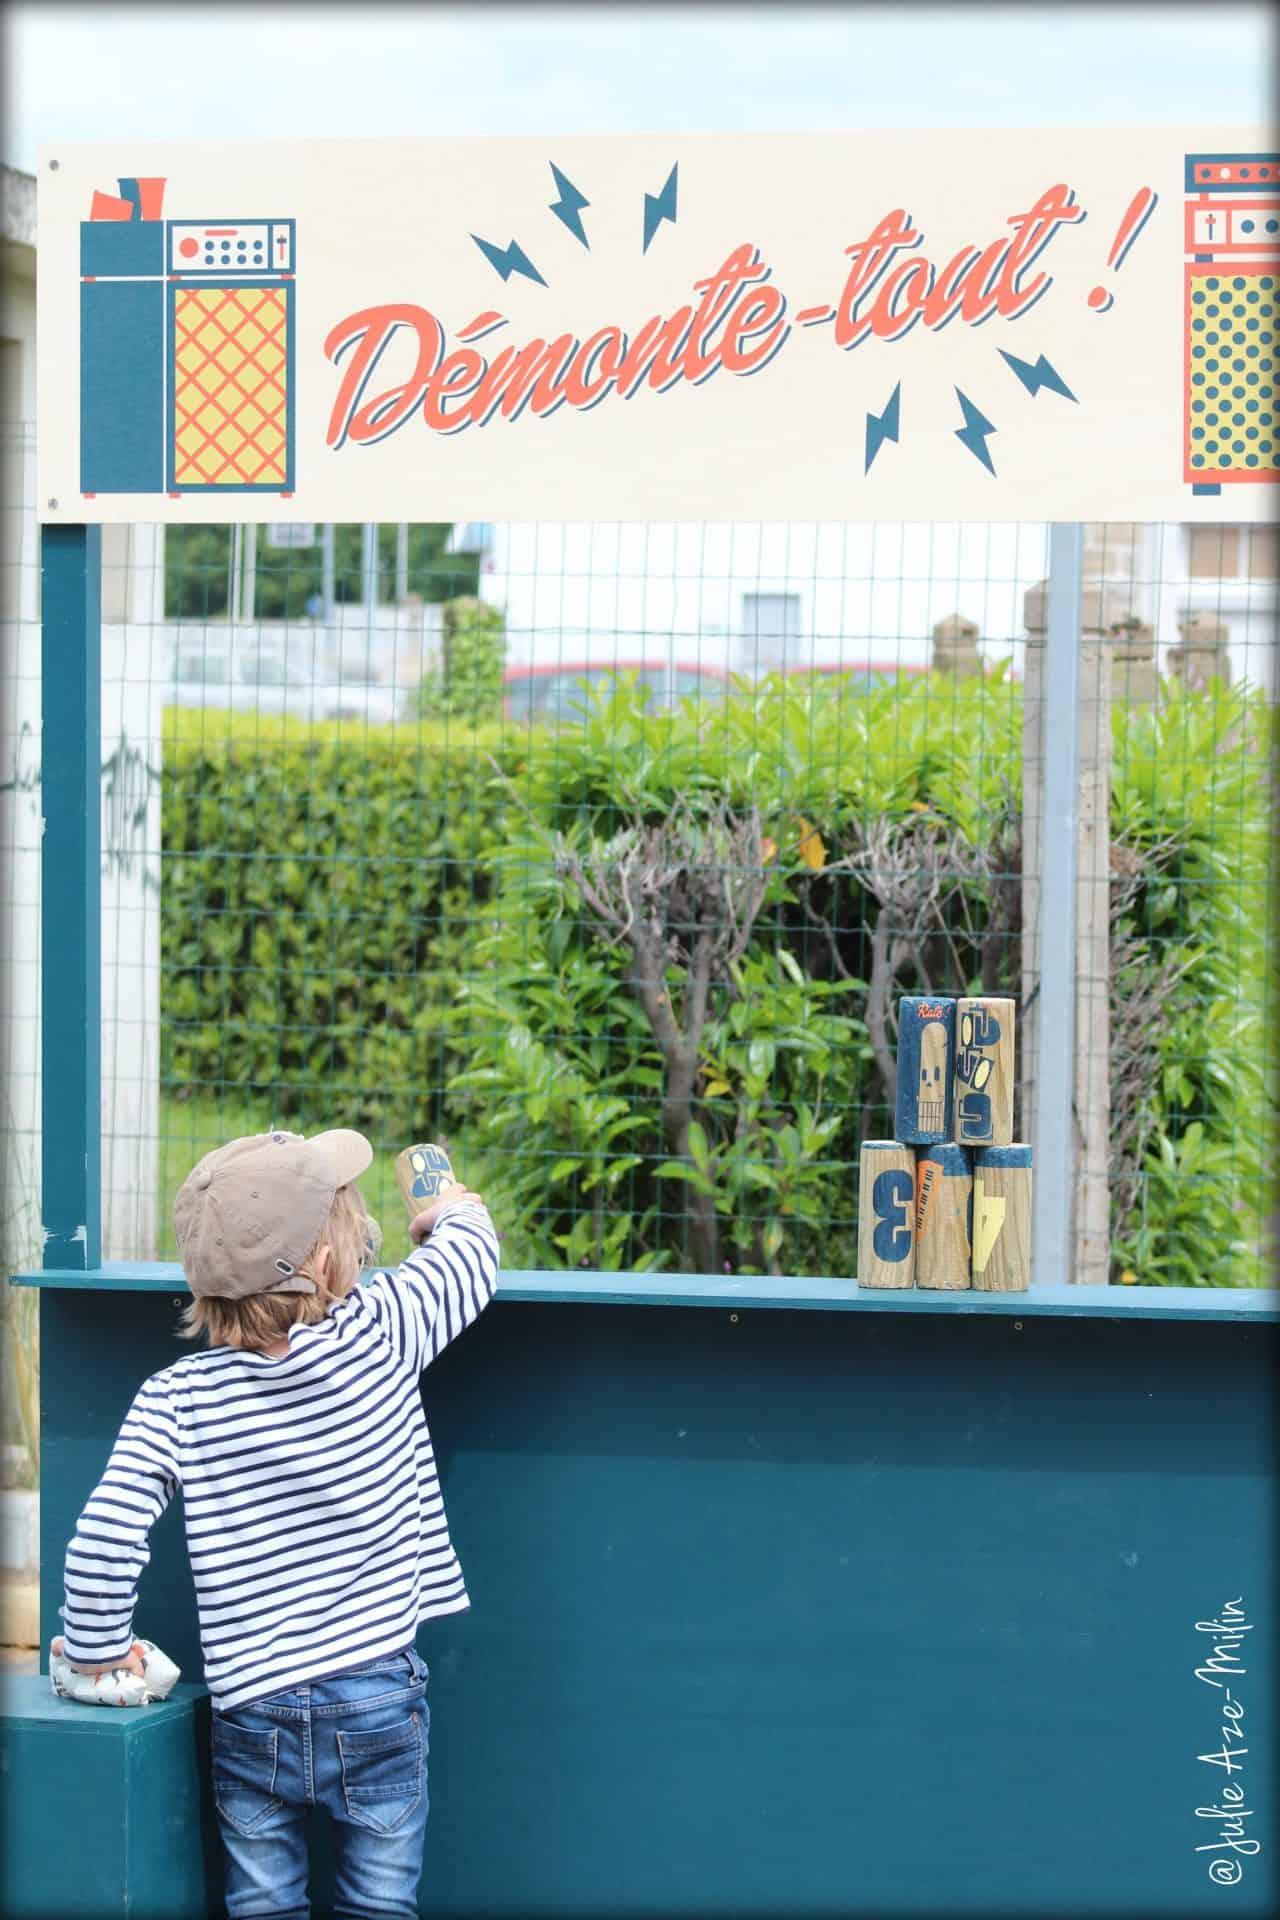 Photo d'ambiance La Fête #6 - un enfant joue au Démonte-tout